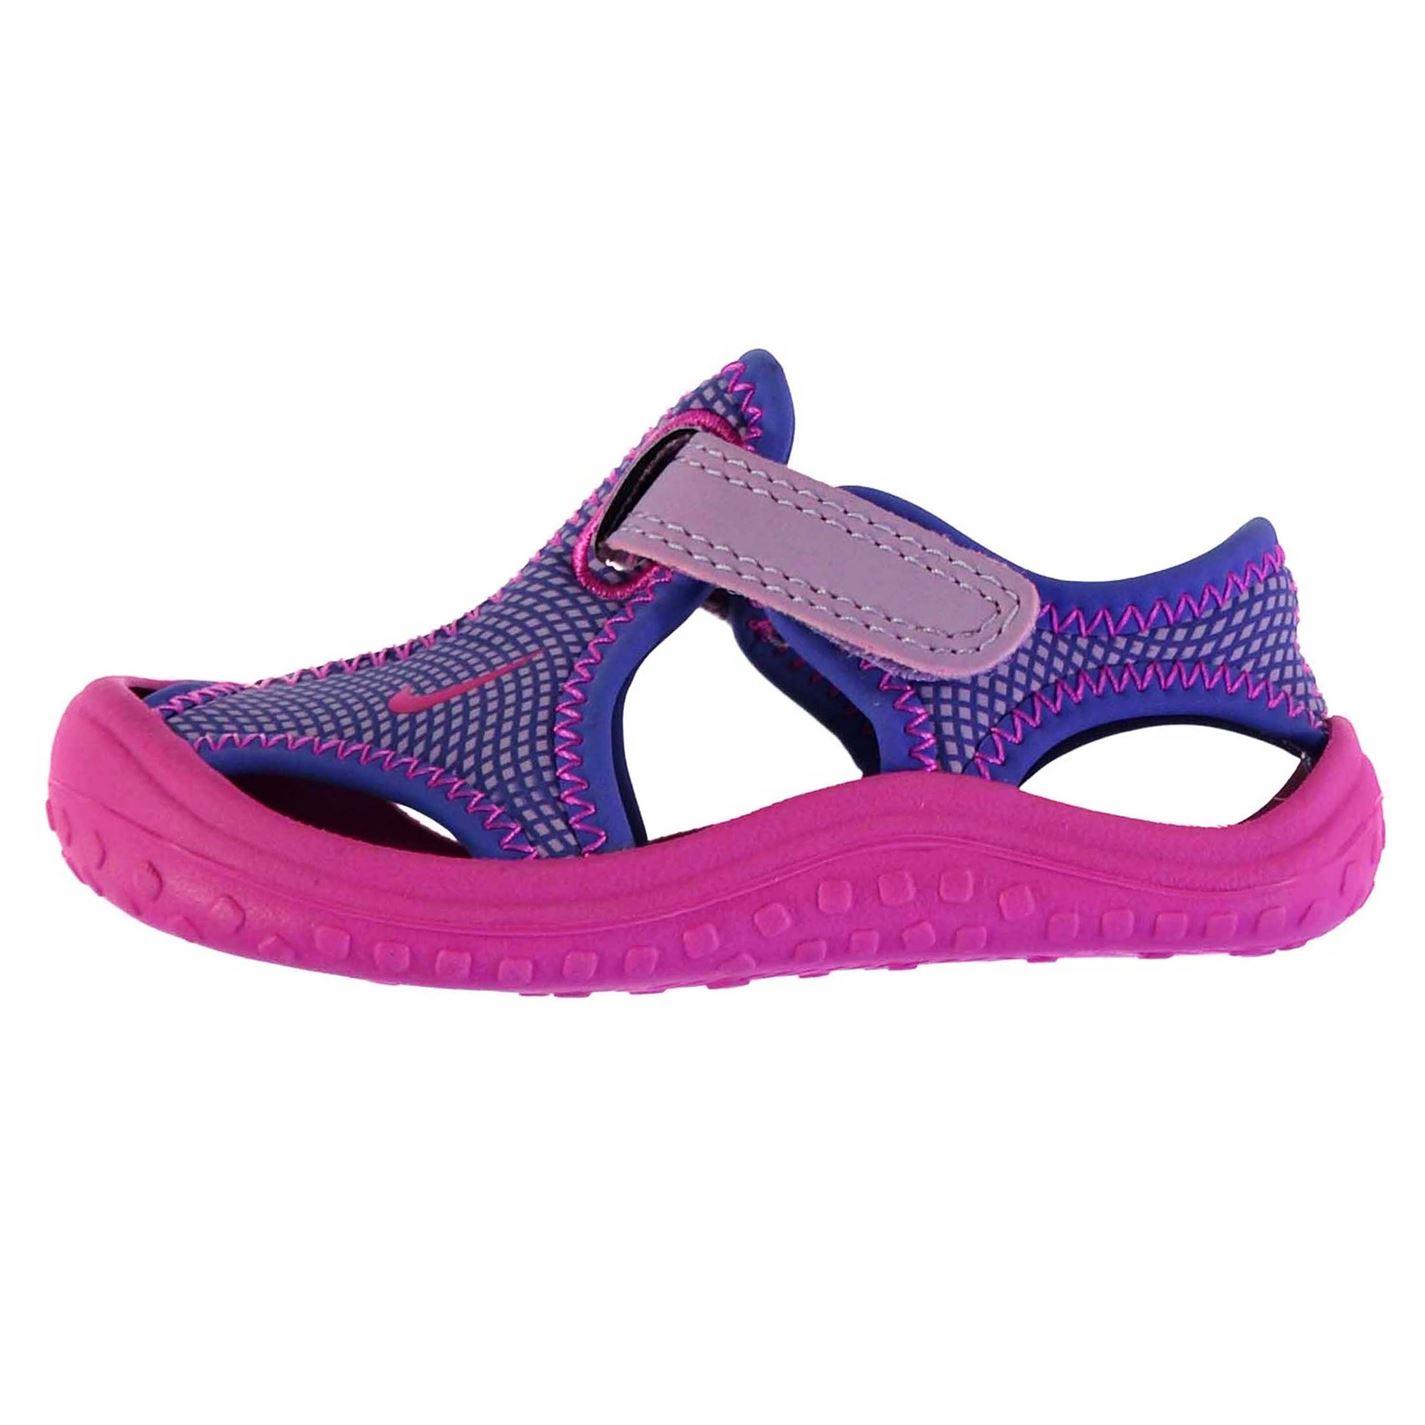 Sandale Si Papuci Pentru Copii